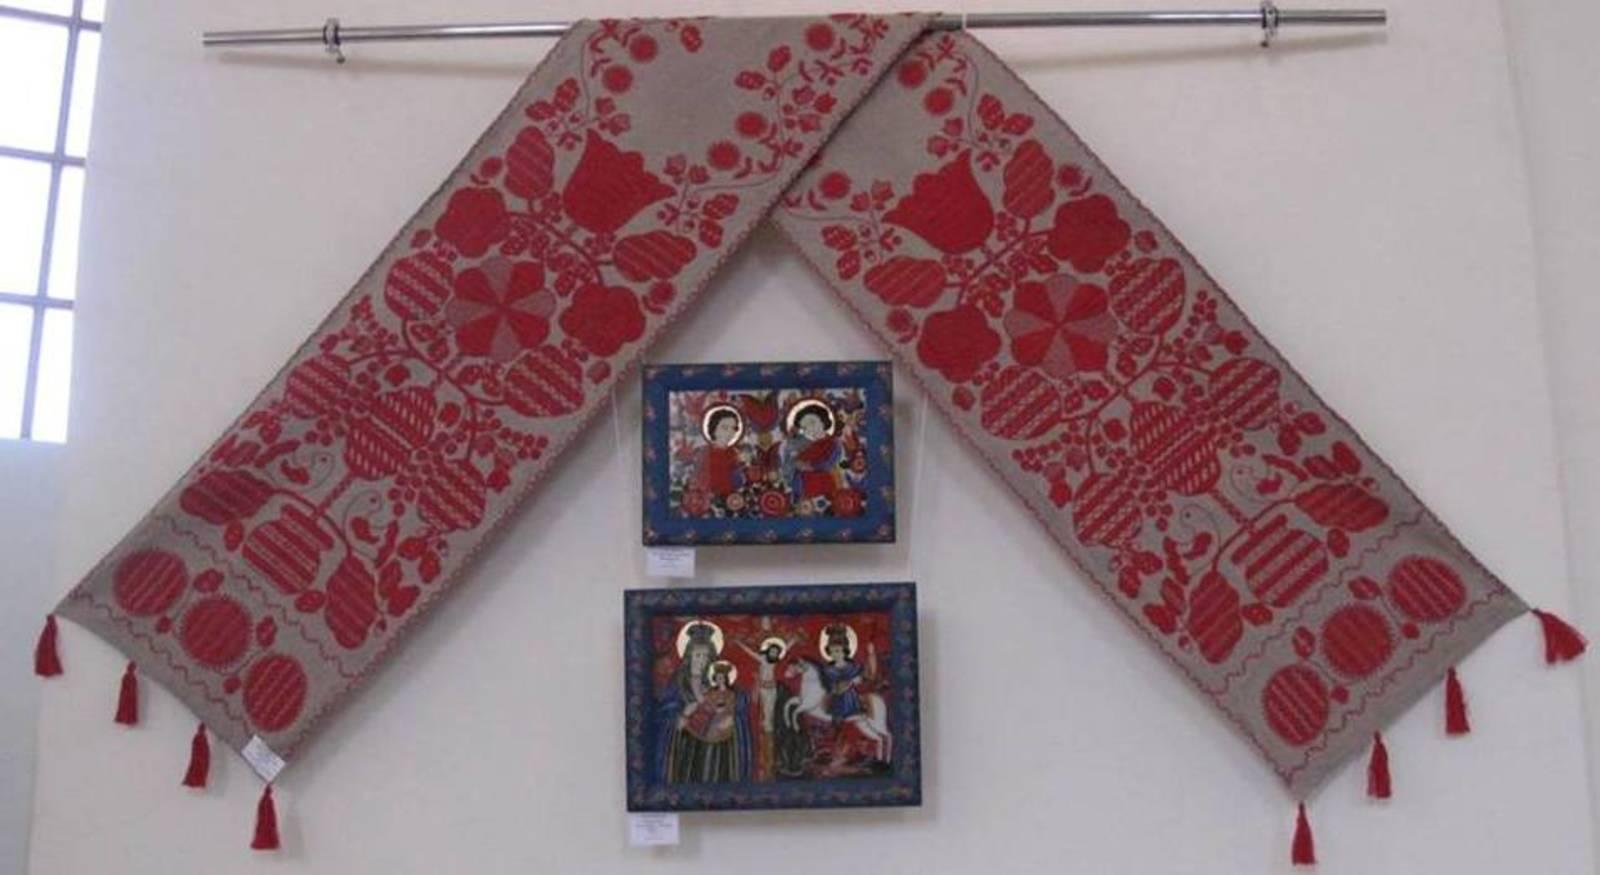 74d8a54eaf6aa1 Експозицію виставки образотворчого та декоративно-прикладного мистецтва,,  присвячену Великодню, складають роботи аматорських студій та майстрів  народної ...